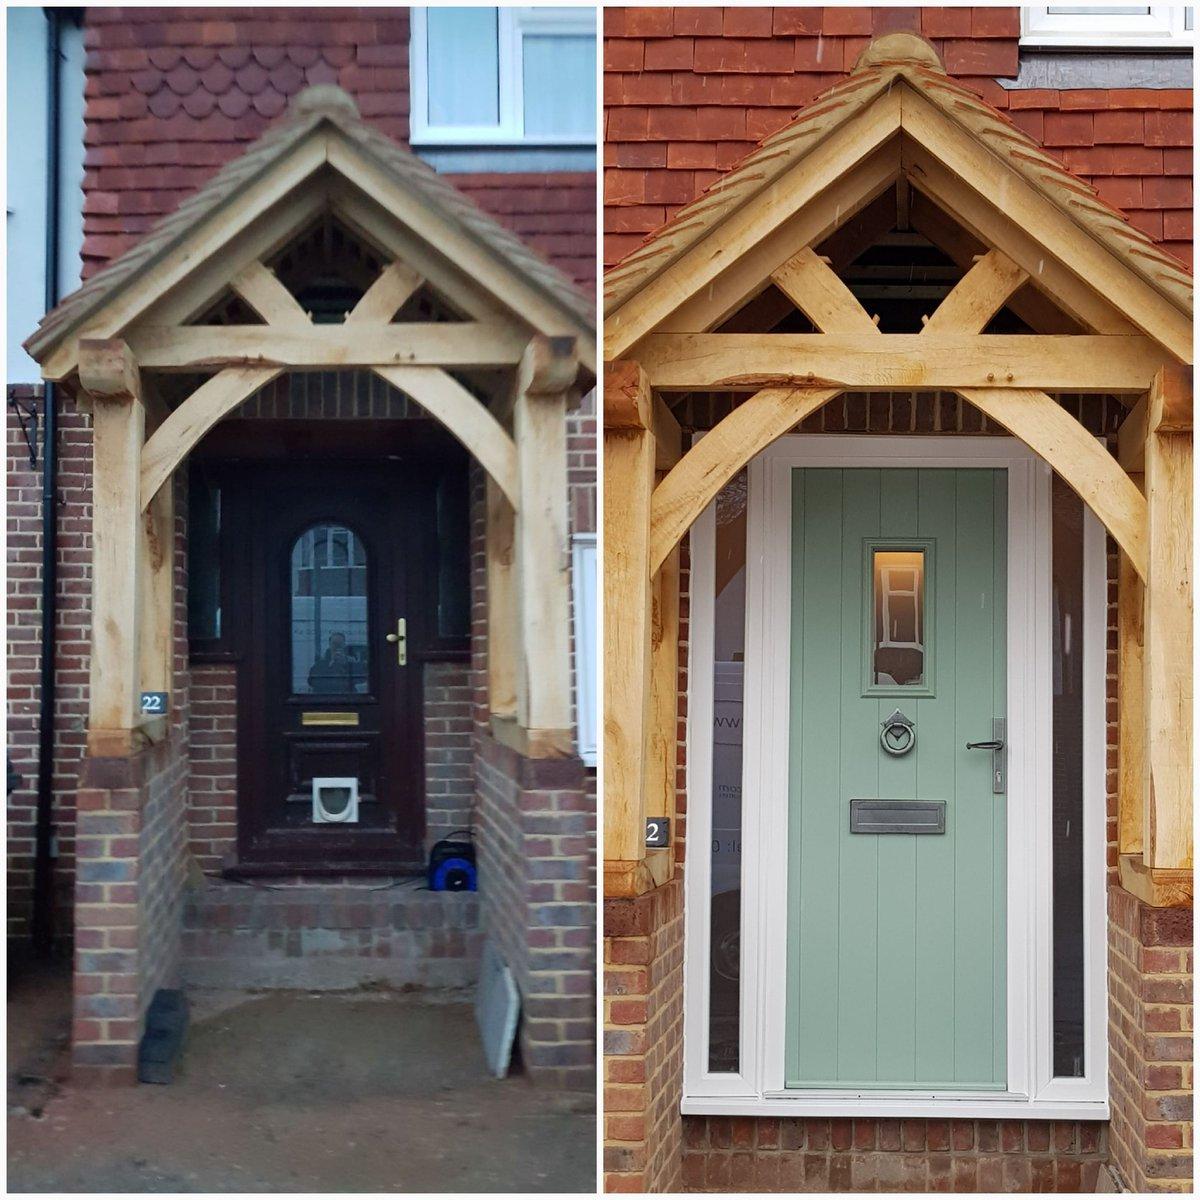 ... #Doors #bespoke #upvc #CompositeDoors # solidor #frenchdoor #pewter # southeast #kent #glaziers #glazing #glazingindustrypic.twitter.com/j4En6d9jXM & The Kentglasscompany on Twitter: